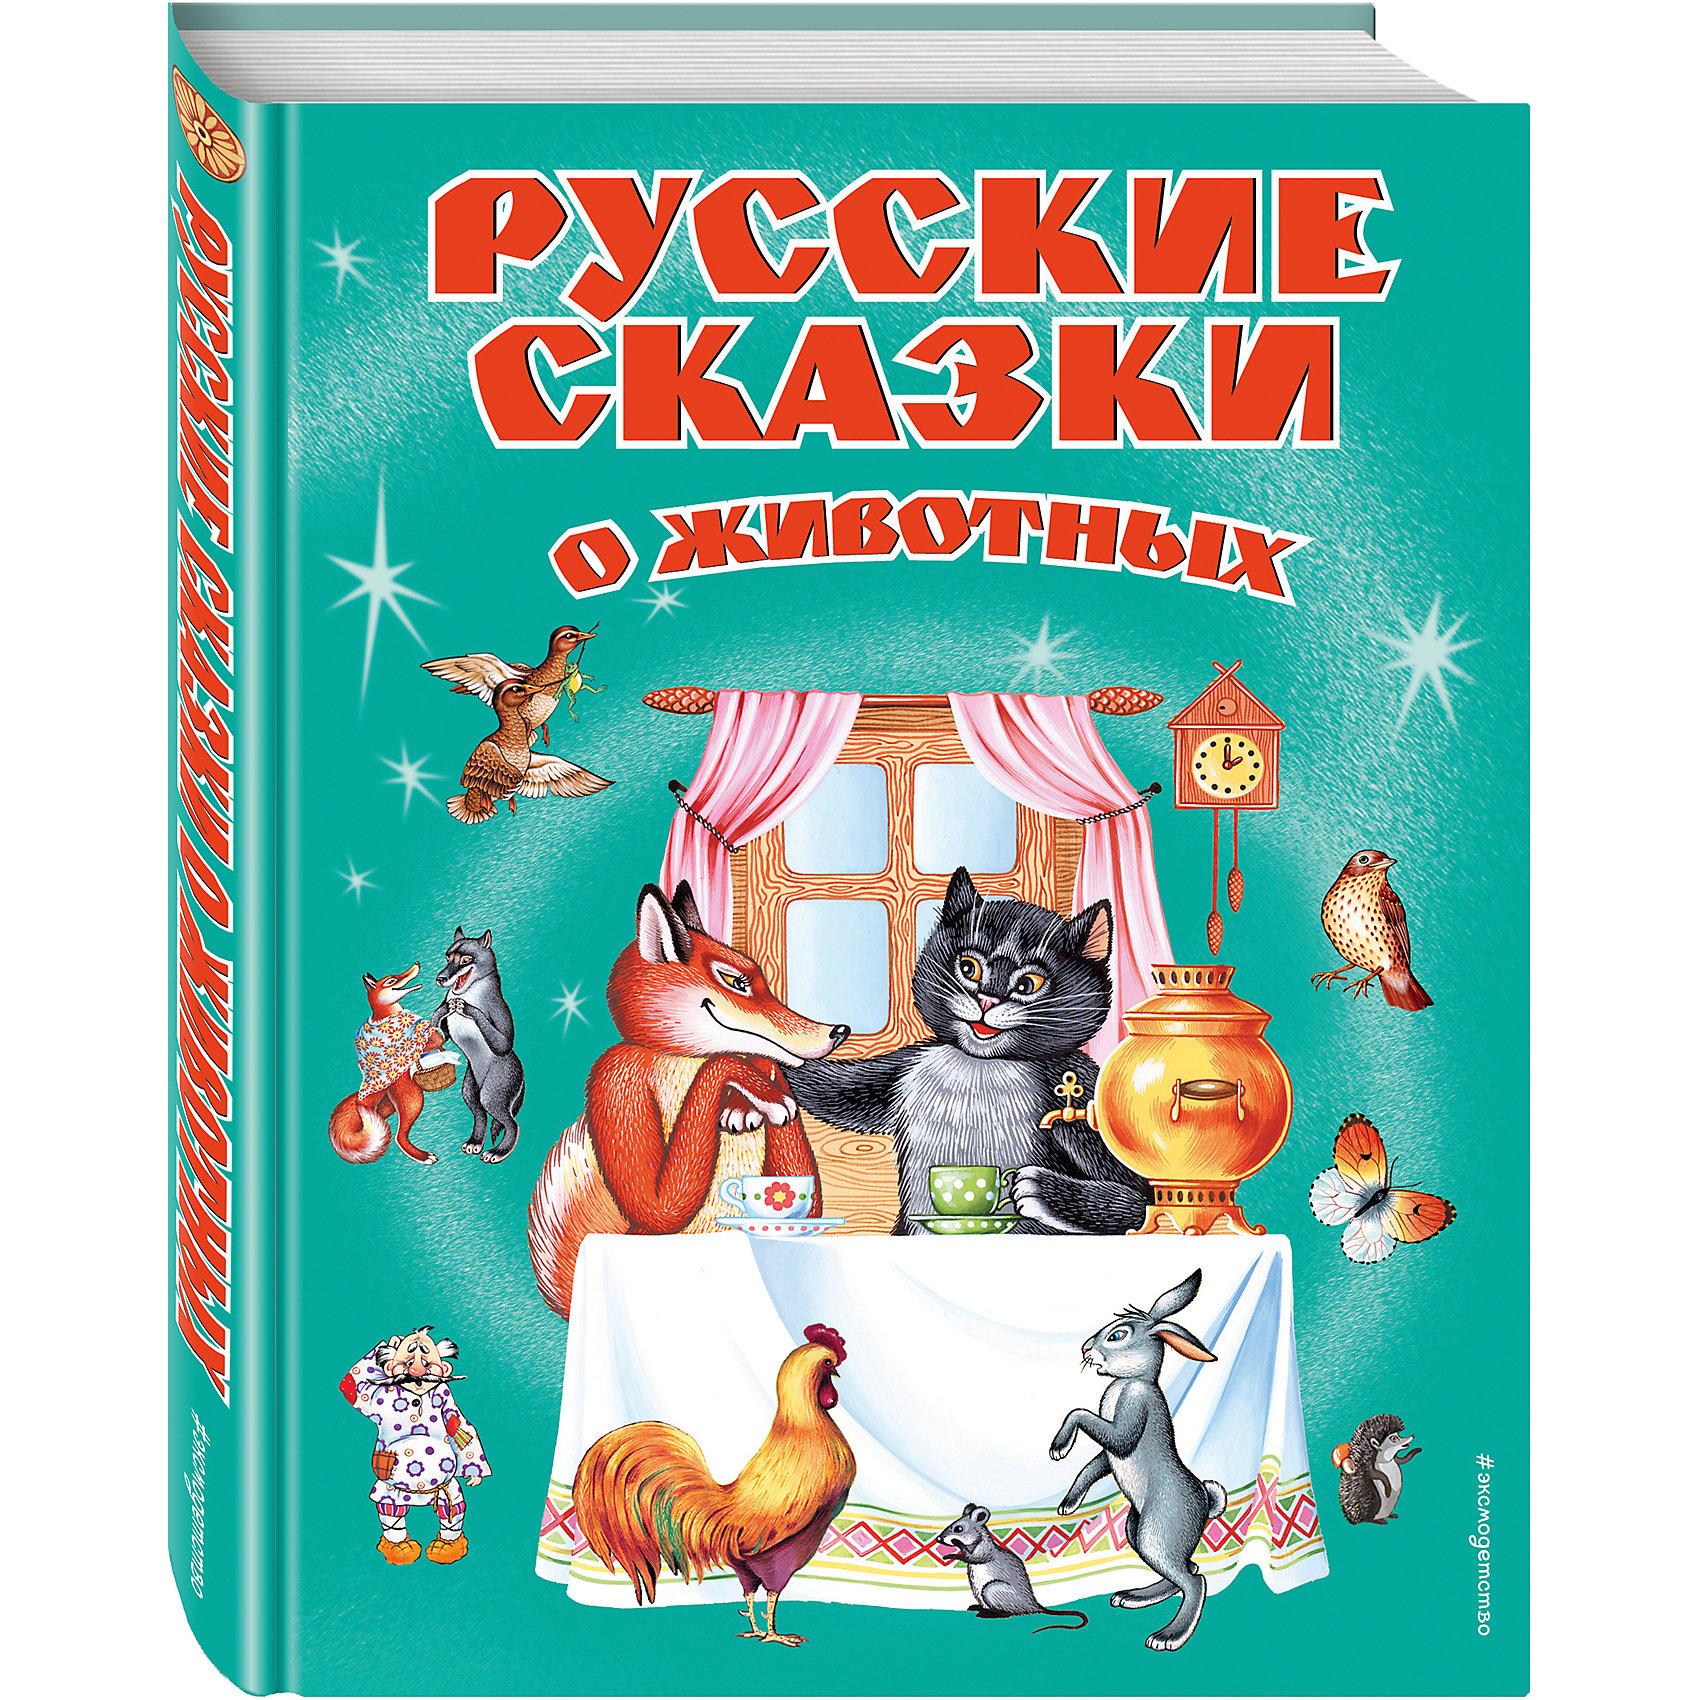 Русские сказки о животныхСказки<br>В эту красочно иллюстрированную книгу вошли сказки о животных, любимые многими поколениями малышей. Русские сказки учат состраданию и справедливости, в них добро всегда побеждает зло - прекрасный вариант для семейного чтения. Яркие цветные иллюстрации обязательно привлекут внимание детей и сделают процесс чтения еще более интересным и увлекательным. <br><br>Дополнительная информация:<br><br>- Формат: 26,5х20,5 см.<br>- Переплет: твердый.<br>- Иллюстрации: цветные.<br>- Количество страниц: 136 стр.<br>- Иллюстраторы:   А. Басюбина, Ел.Здорнова, В. Куркулина.<br>- В книге 11 сказок: Л.Н. Толстой Три медведя, Гуси-лебеди, Д.Н. Мамин-Сибиряк Серая Шейка, В.М. Гаршин Лягушка-путешественница, Котофей Иванович, Коза-дереза, Лисичка-сестричка и волк, Медведь - липовая нога, Волк и семеро козлят, Петушок и чудо-меленка, Лиса и дрозд.<br><br>Русские сказки о животных можно купить в нашем магазине.<br><br>Ширина мм: 265<br>Глубина мм: 205<br>Высота мм: 20<br>Вес г: 738<br>Возраст от месяцев: 60<br>Возраст до месяцев: 72<br>Пол: Унисекс<br>Возраст: Детский<br>SKU: 4047806